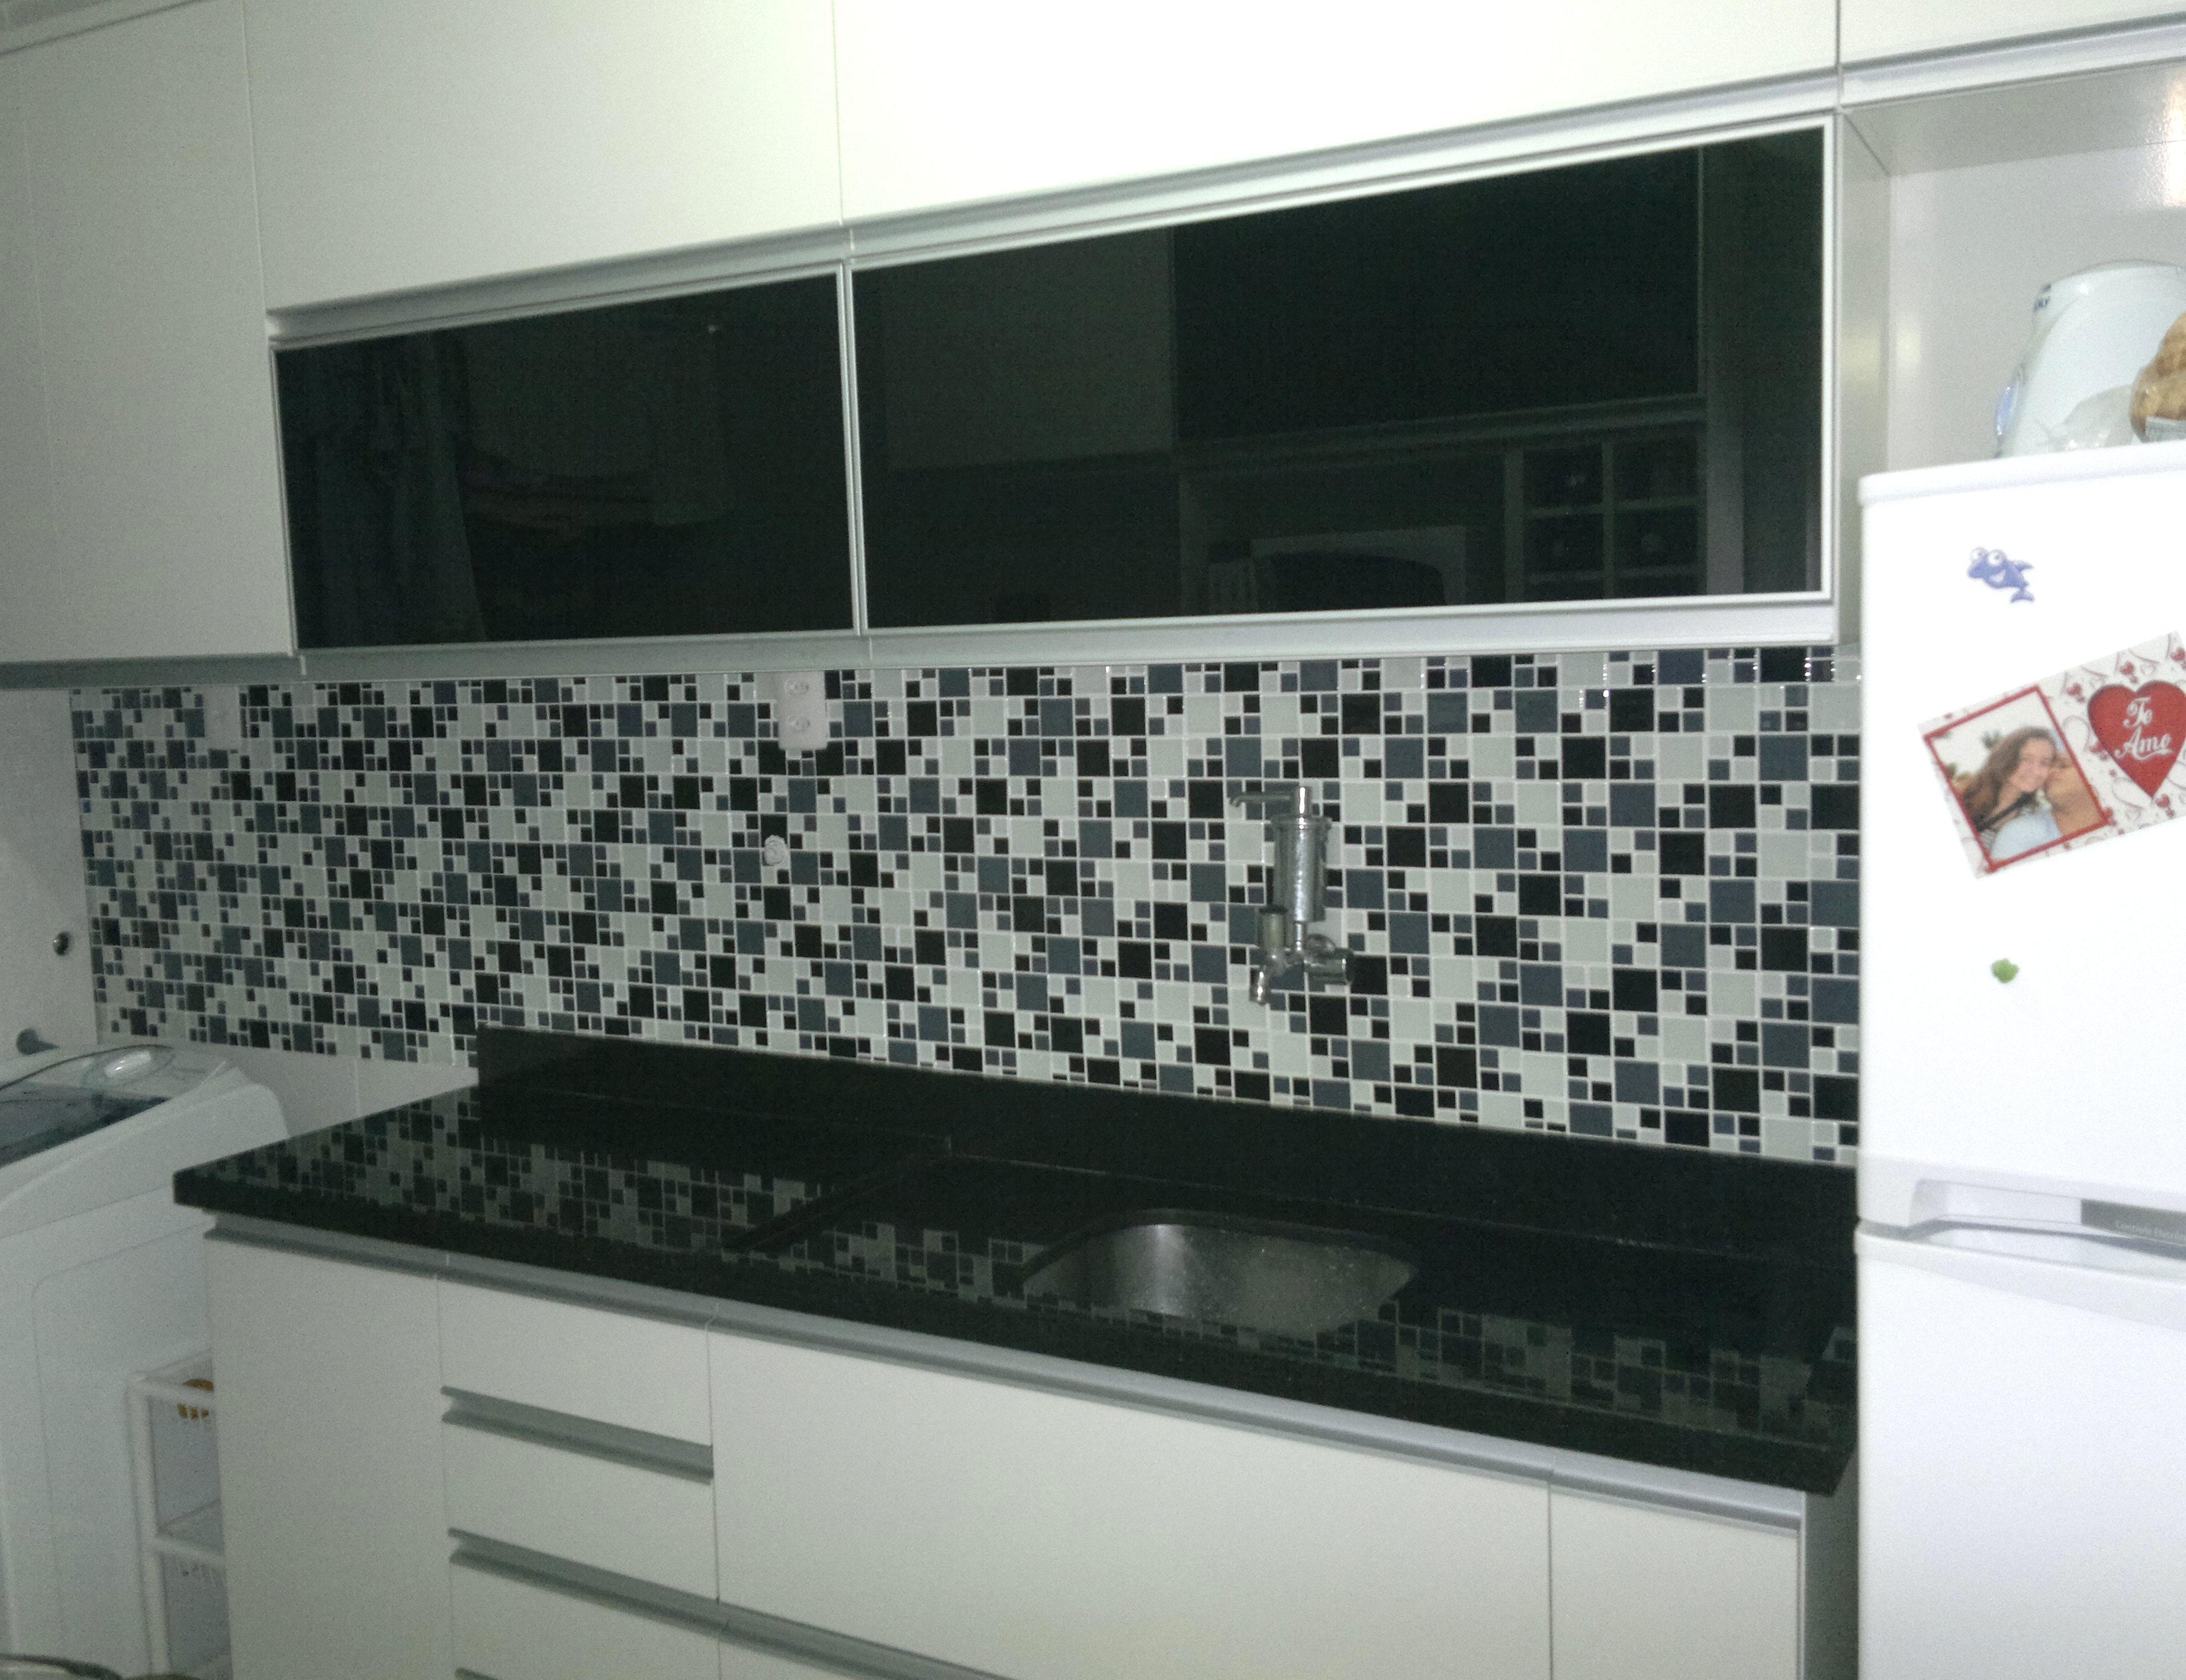 Another Image For Balcão de cozinha com tijolo de vidro 0.jpg #874744 3692 2838